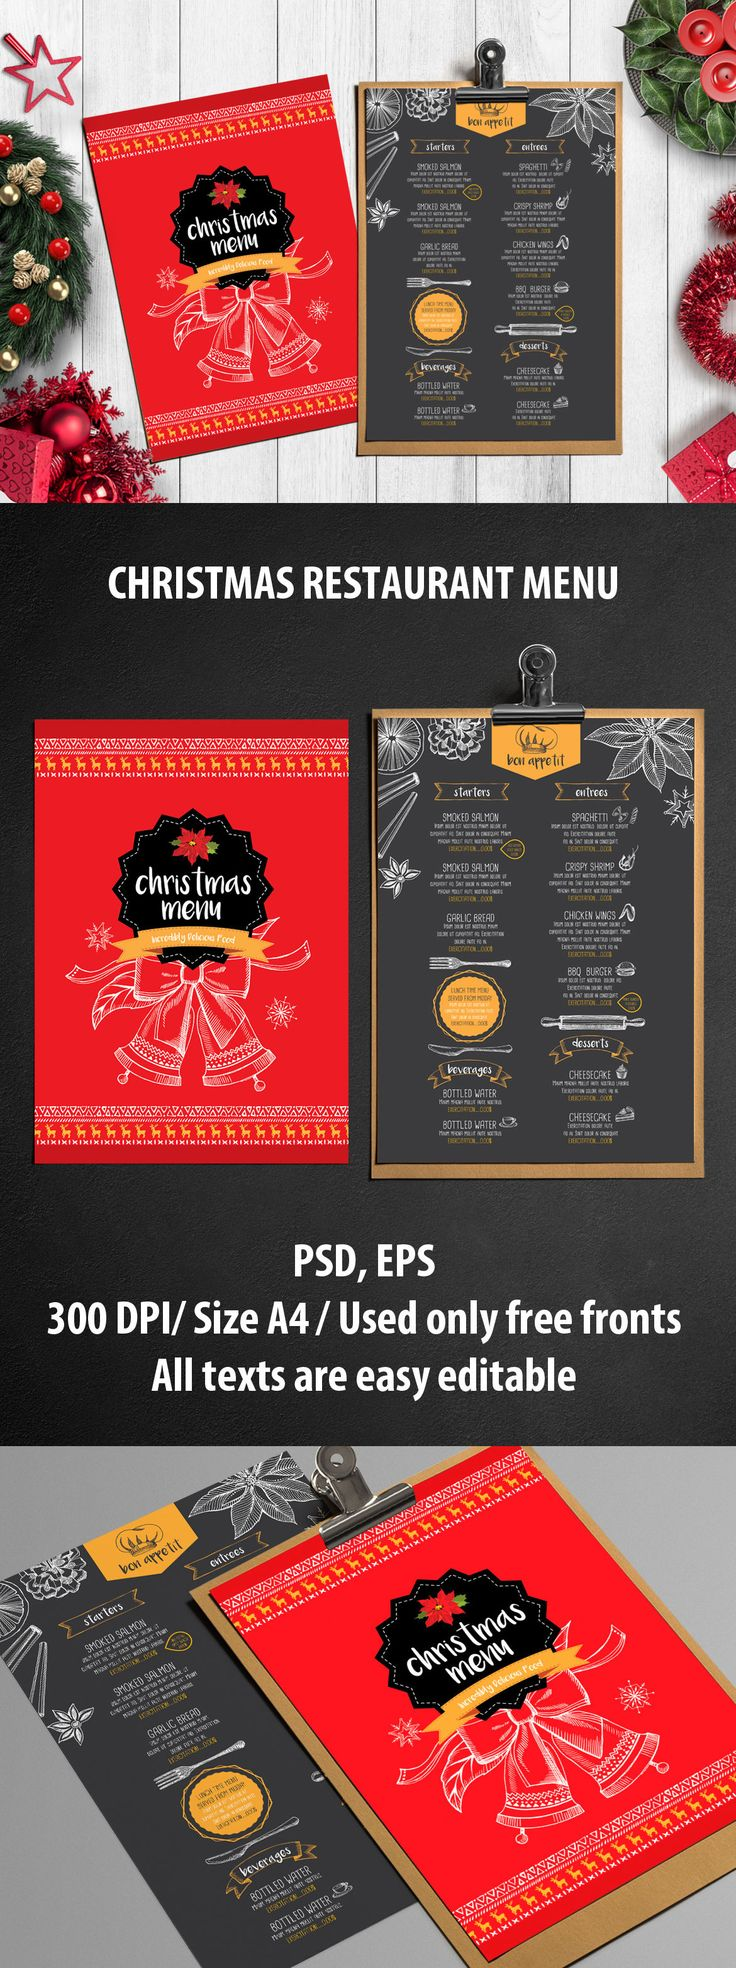 Mejores 52 imágenes de A La Carta en Pinterest | Gráficos, Diseño ...